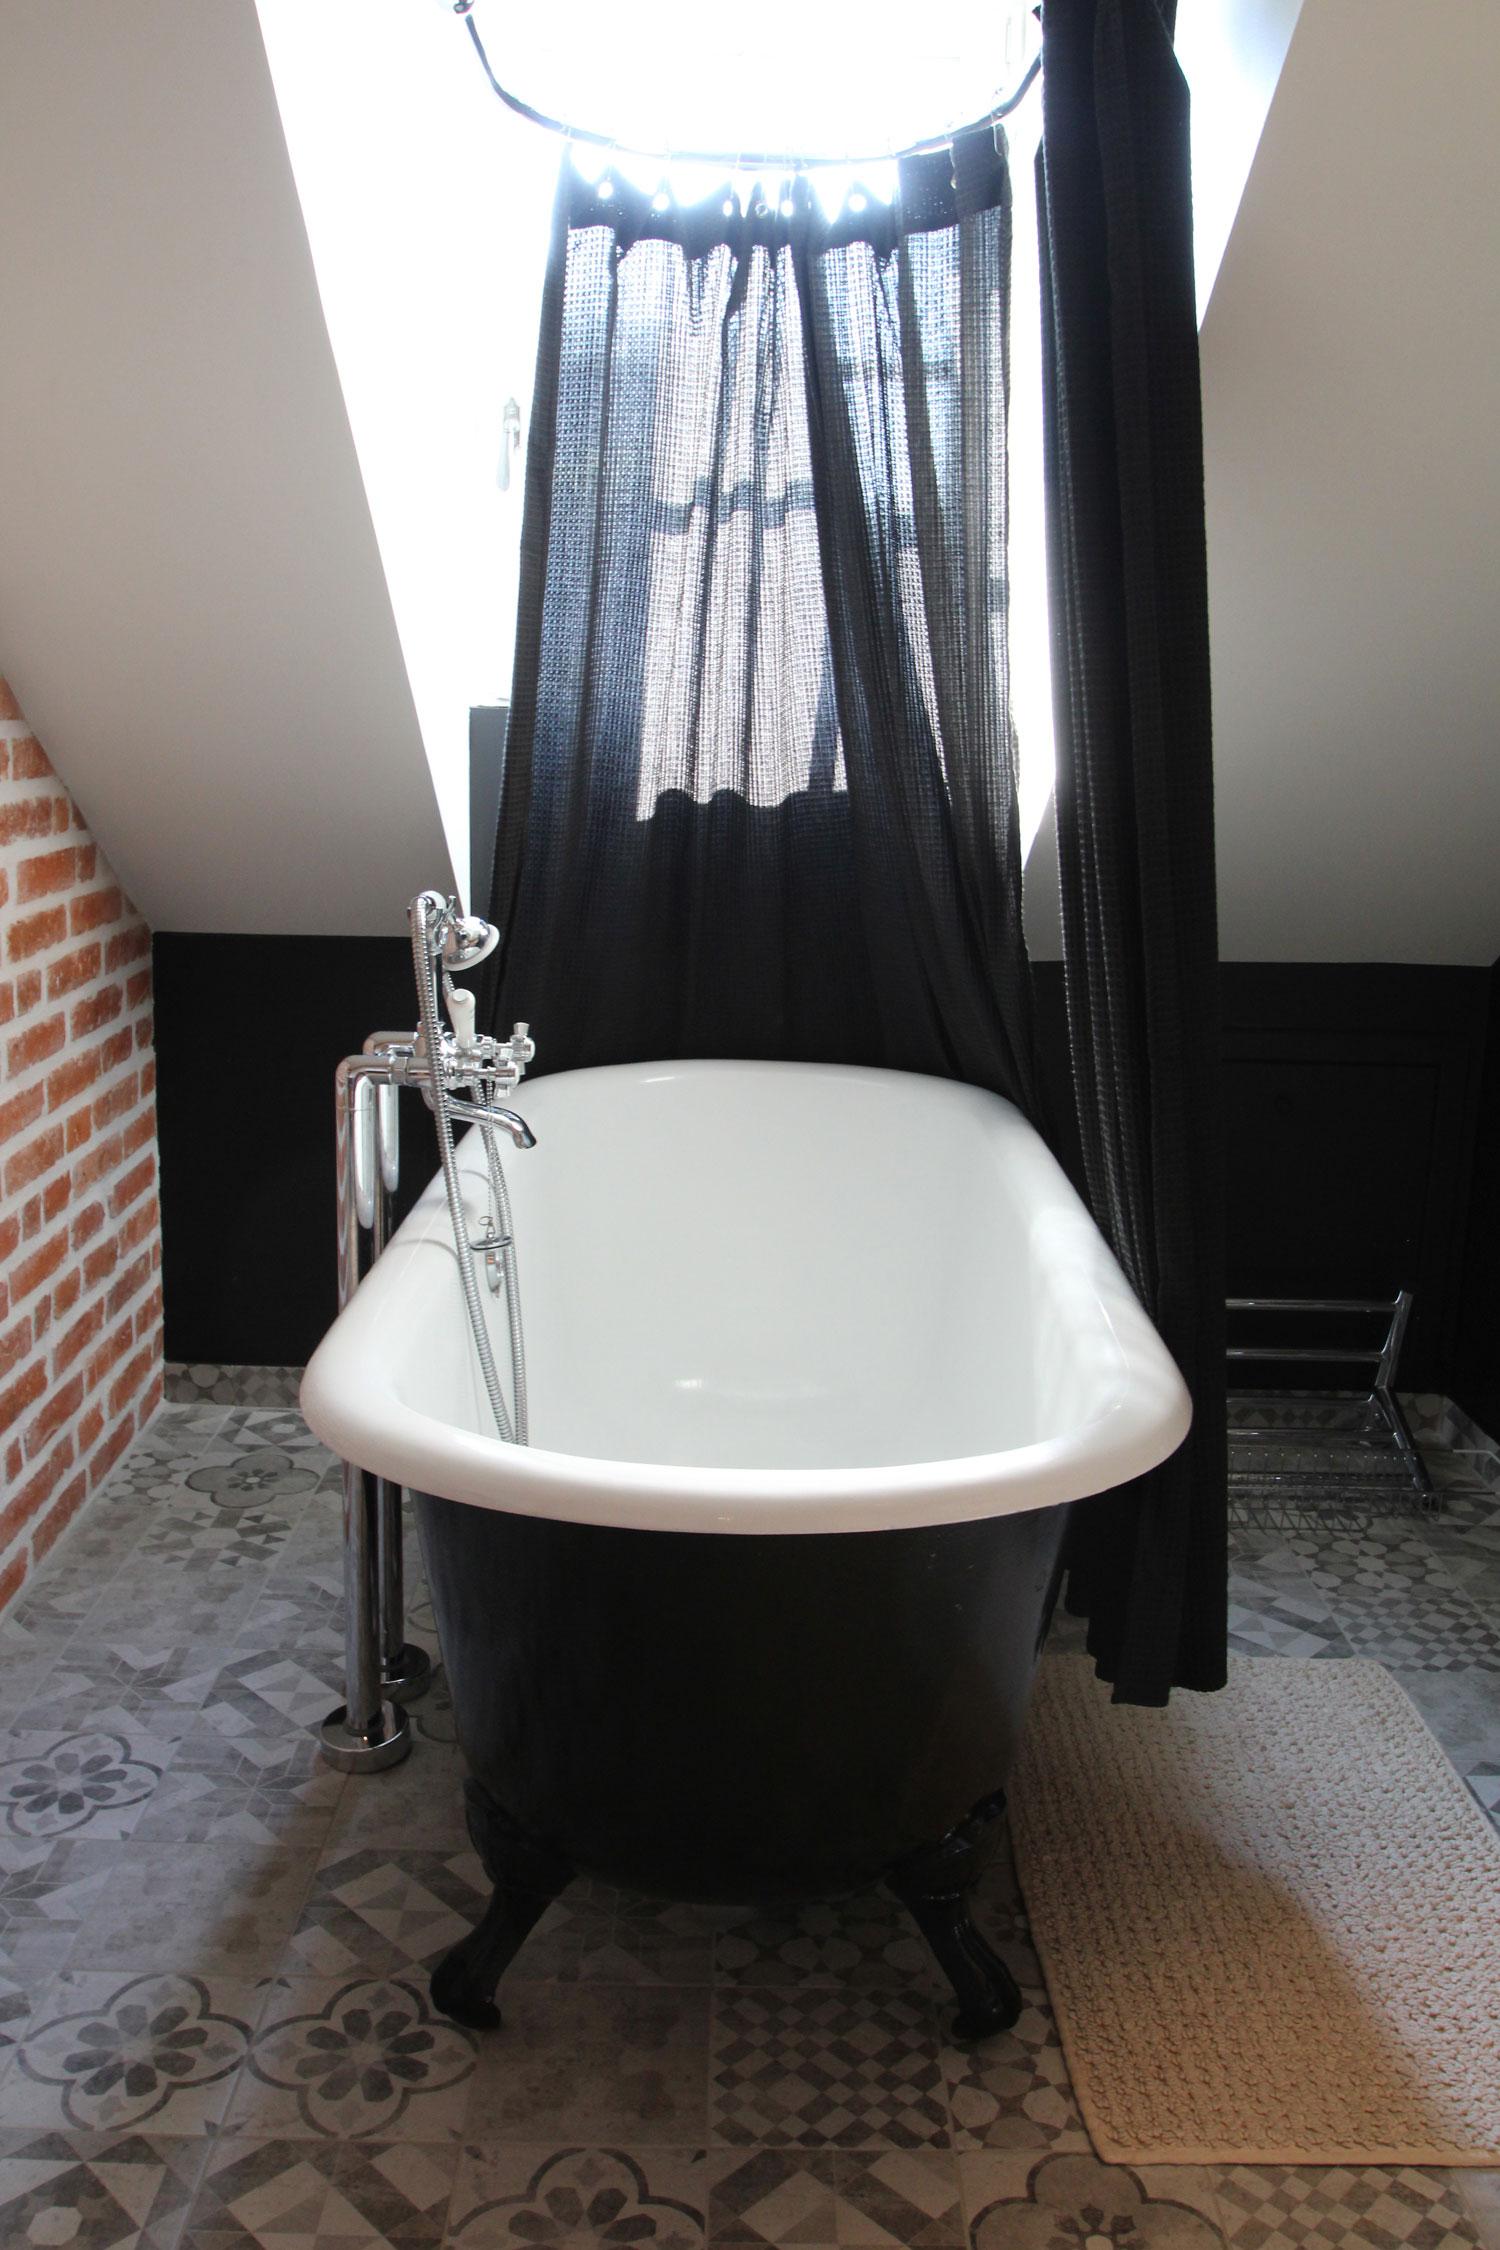 Salle de bain de notre location à Vannes.